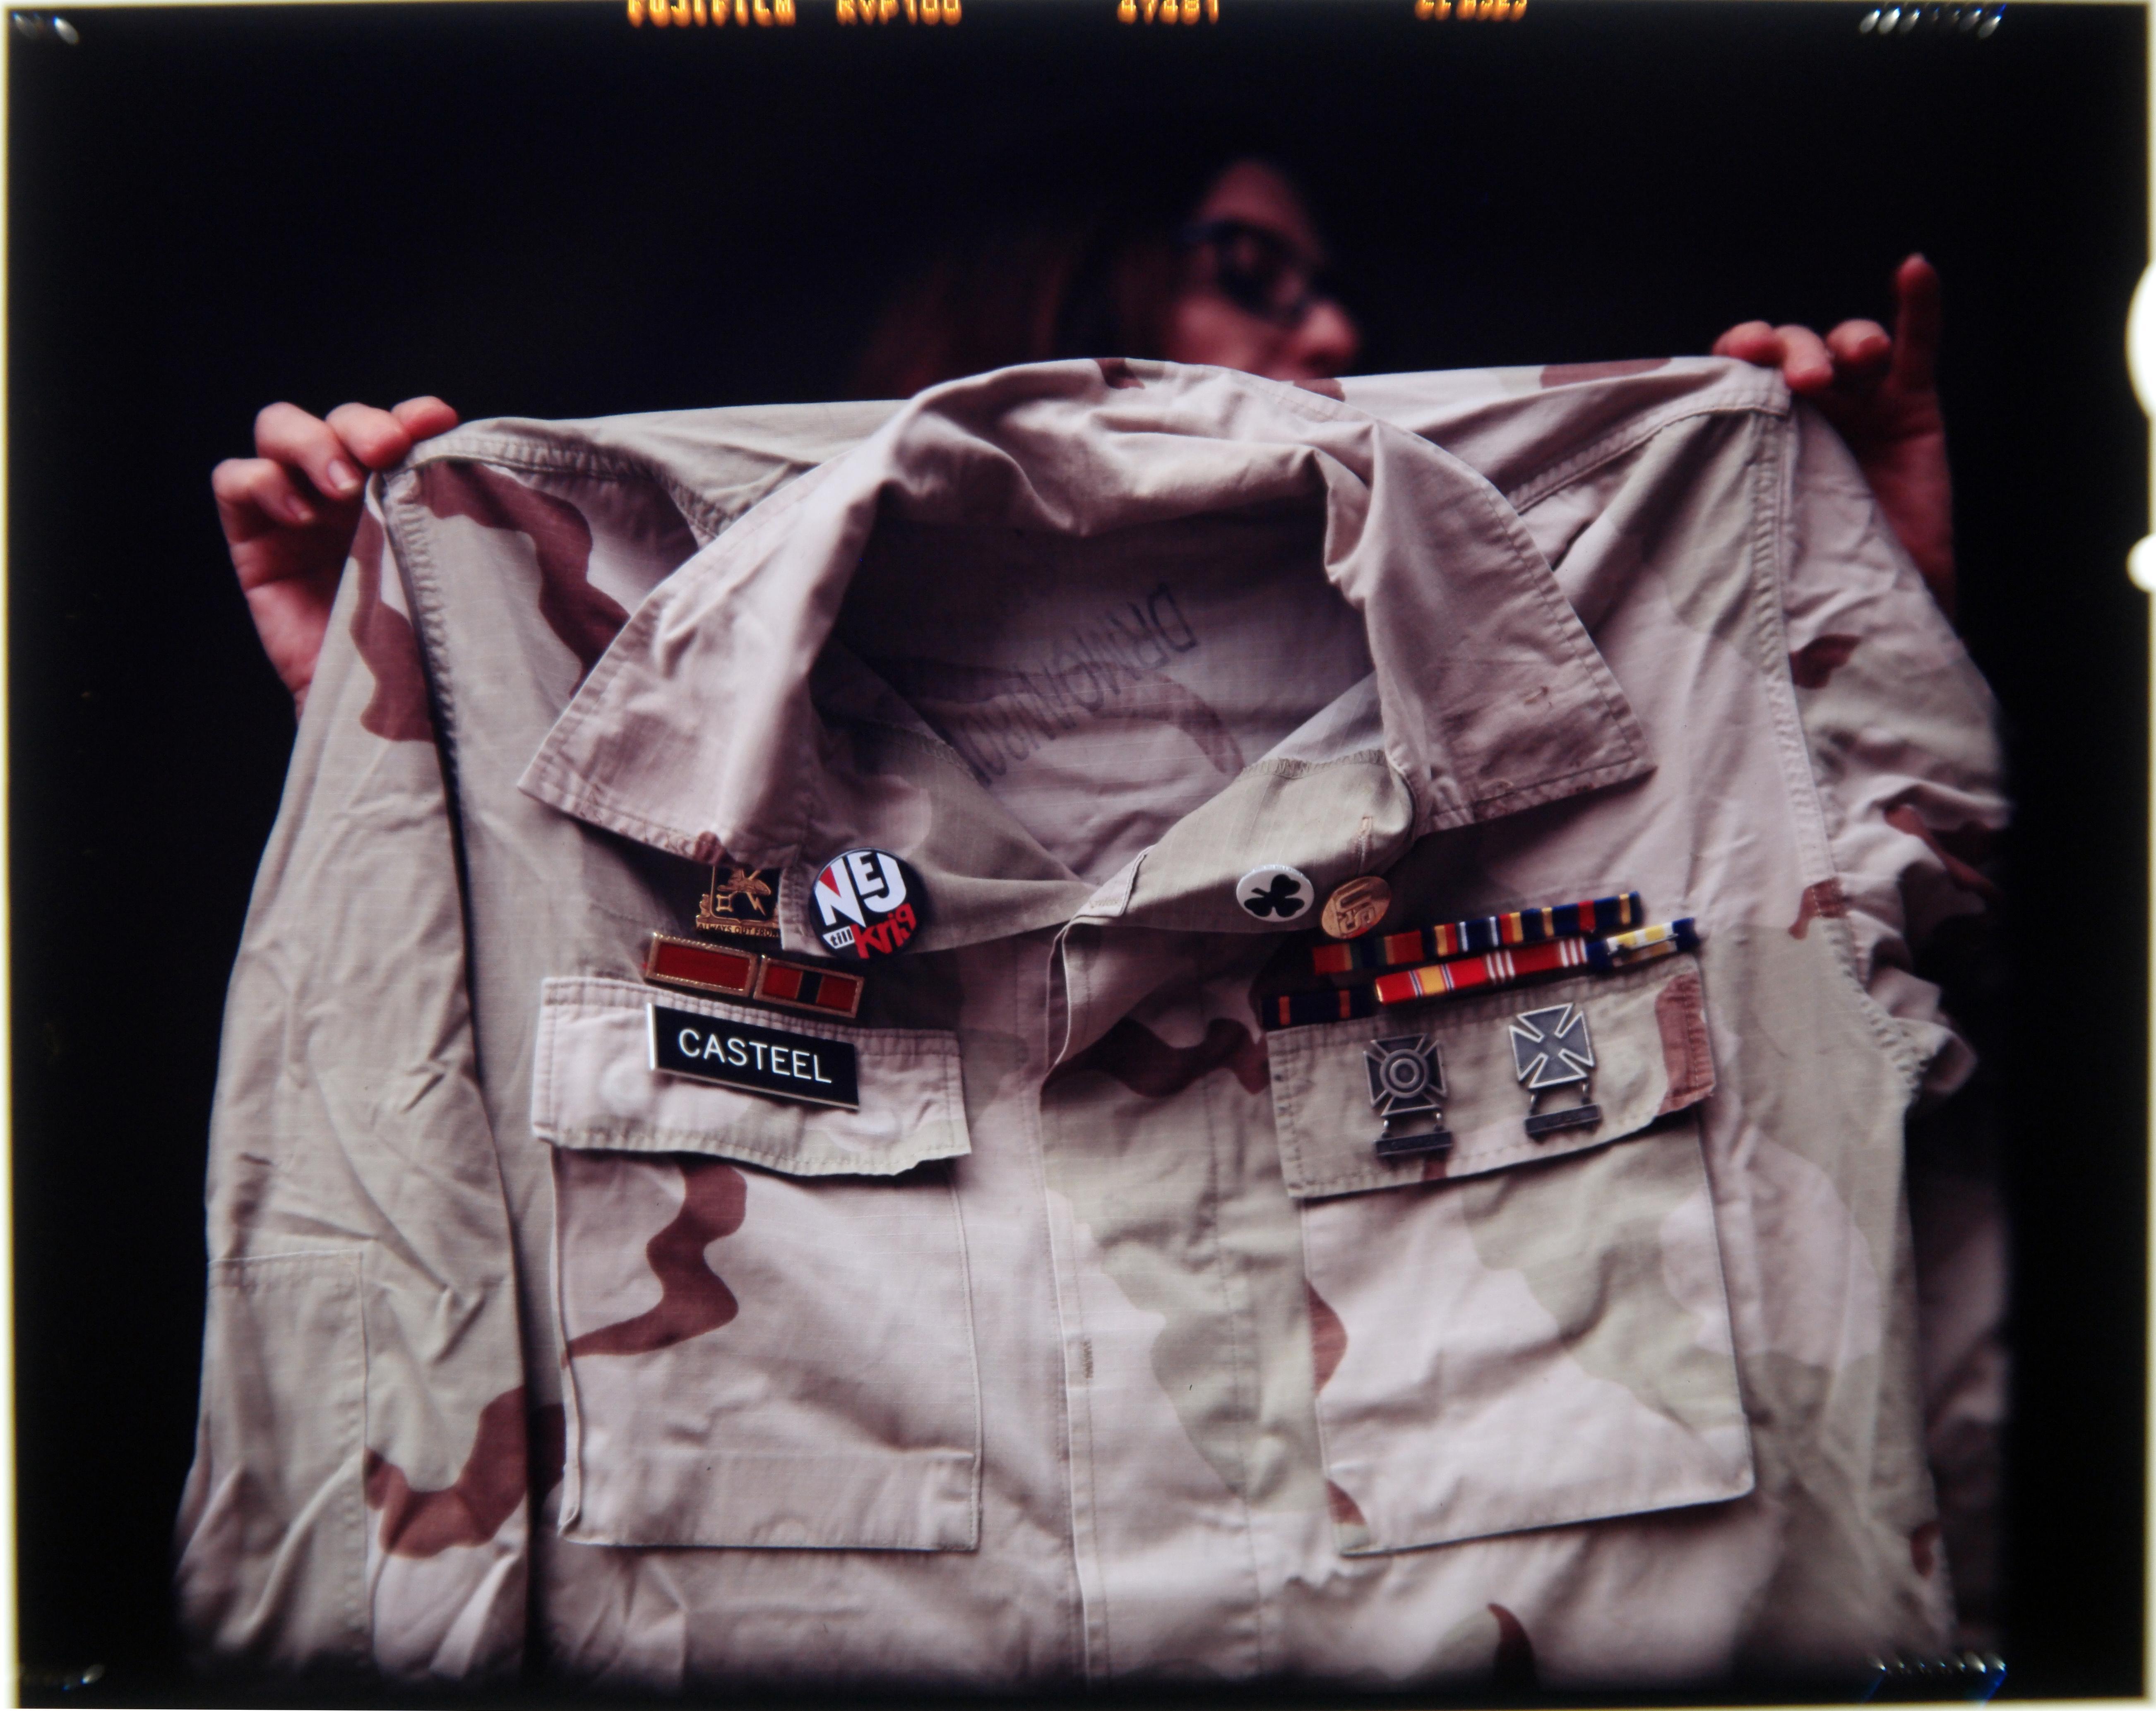 Casteel's uniform